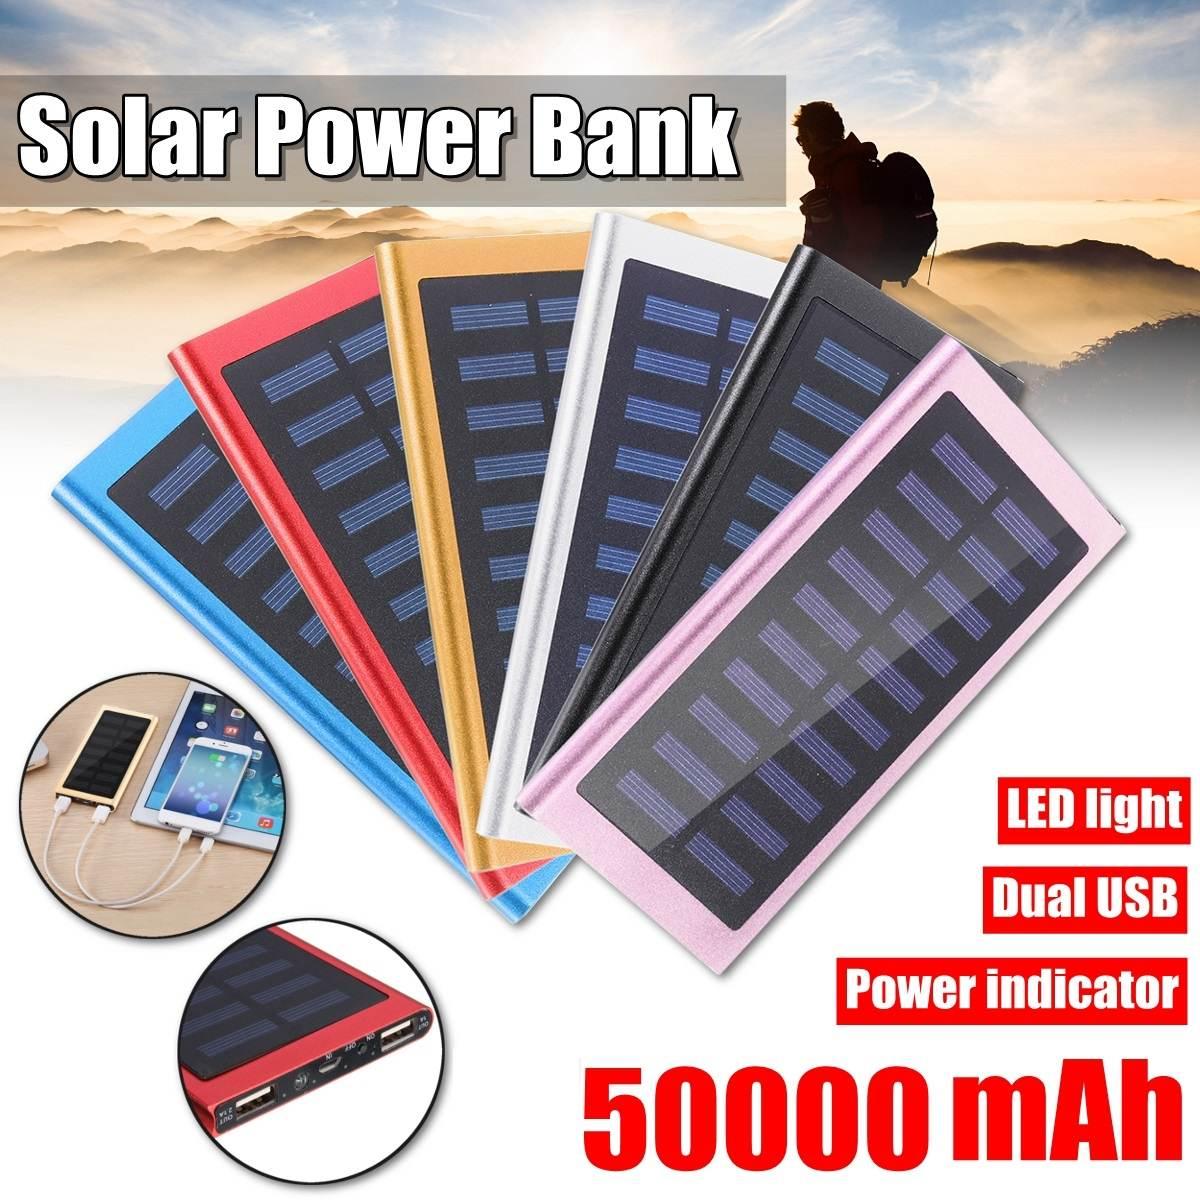 Batería Externa caliente del Banco de la energía Solar 50000mah 2 USB LED Powerbank Cargador Solar portátil del teléfono móvil para Xiaomi huawei Vivo